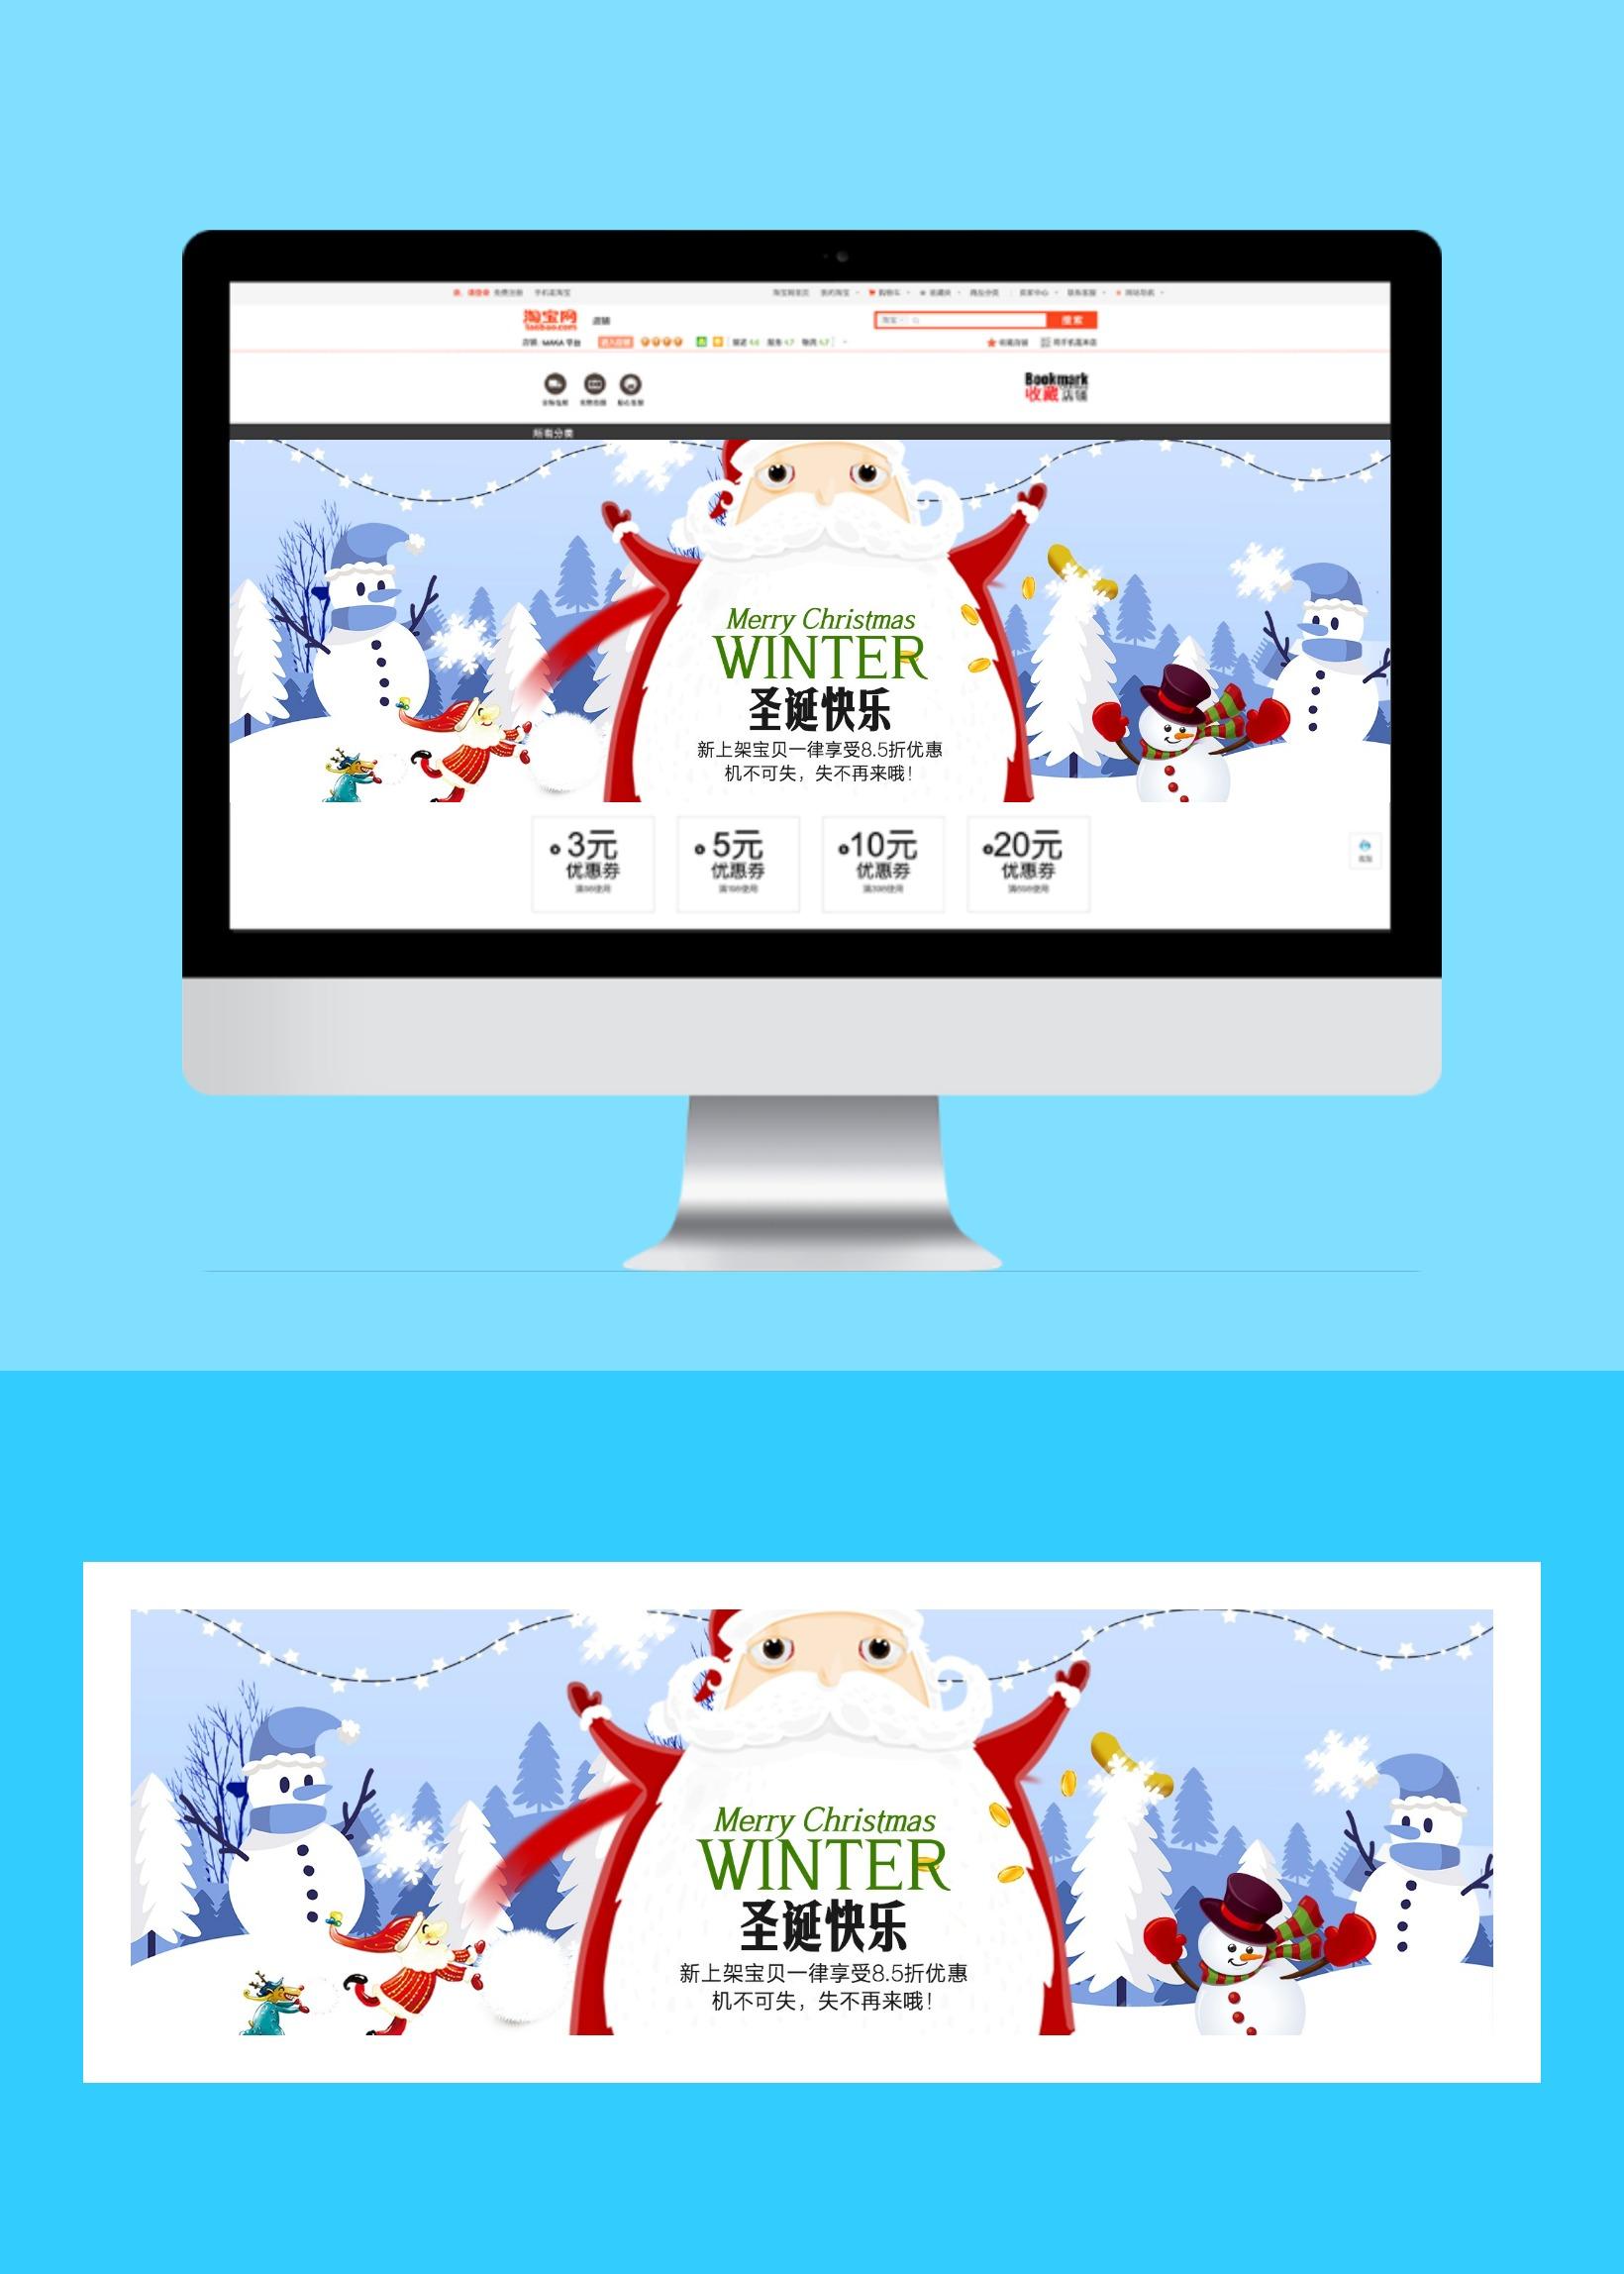 圣诞节活动海报圣诞首页banner专题圣诞